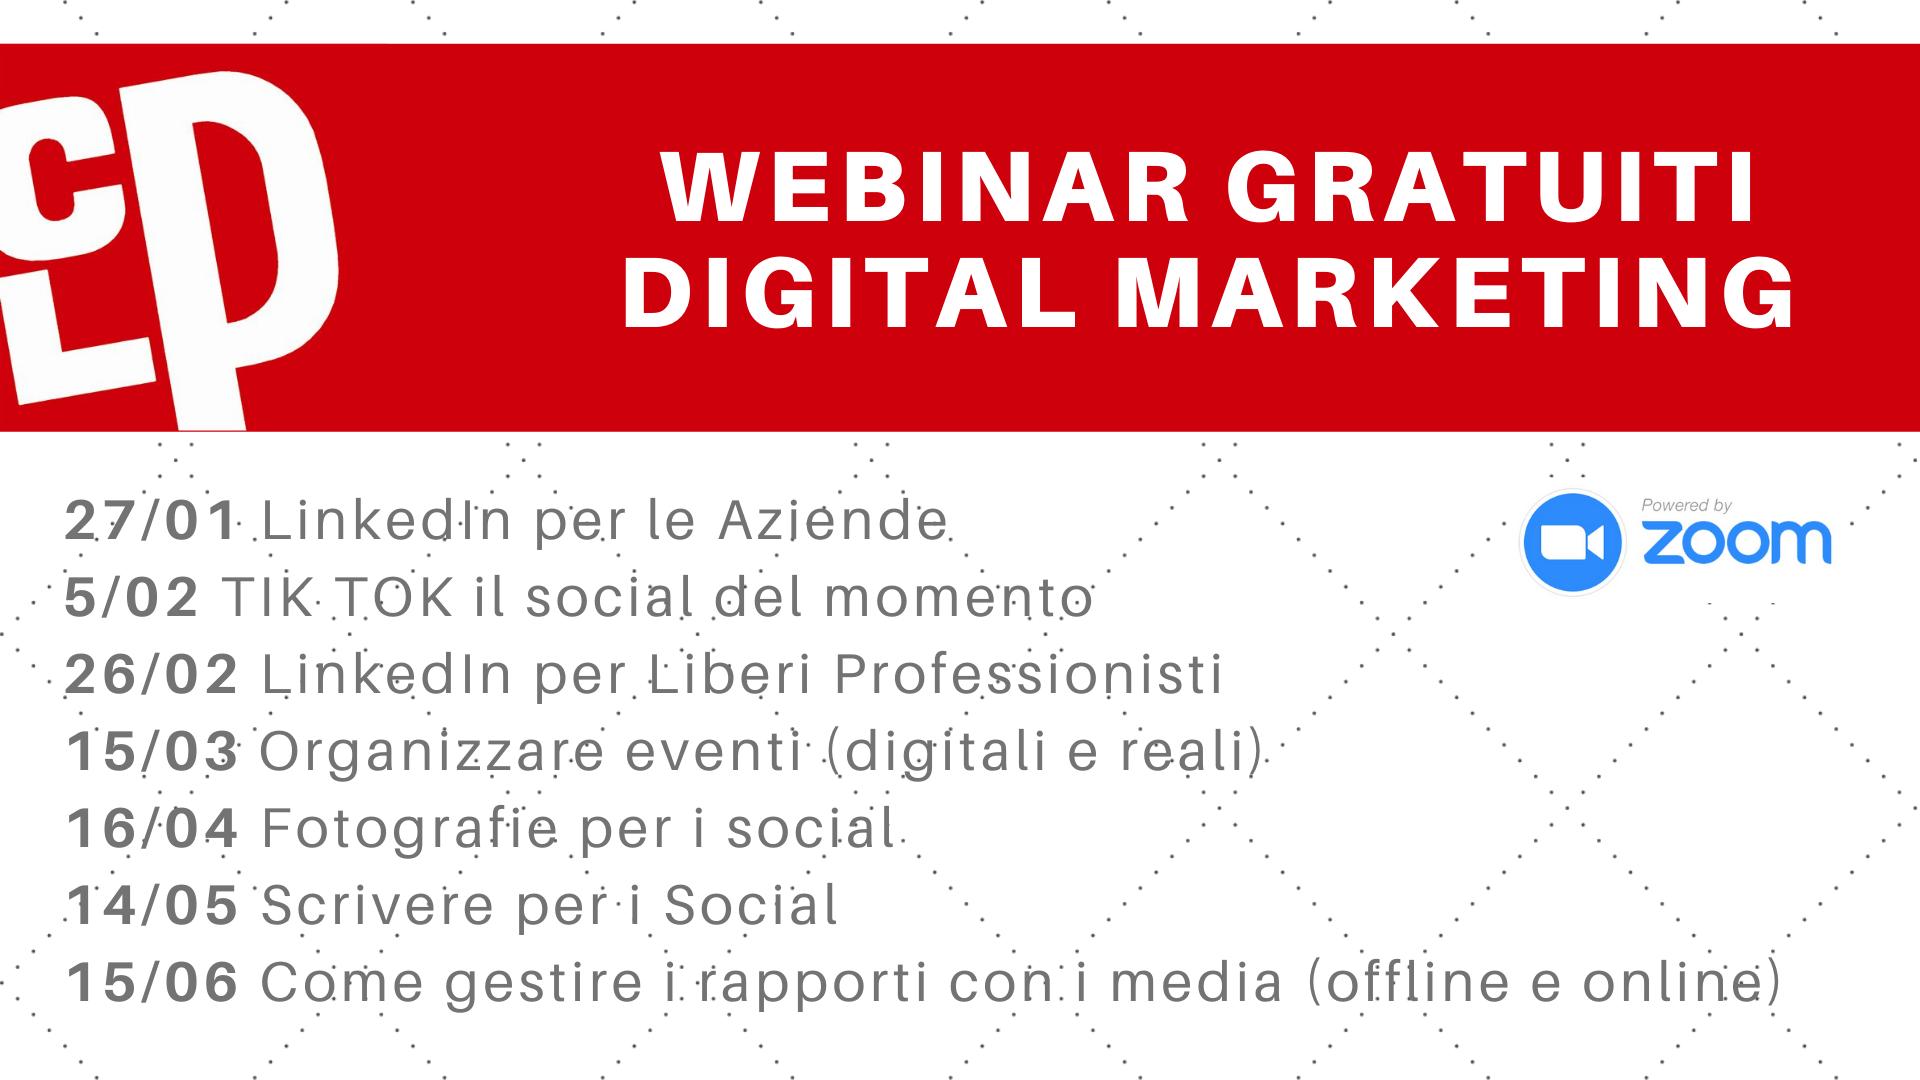 Webinar digital marketing gratuiti 2021